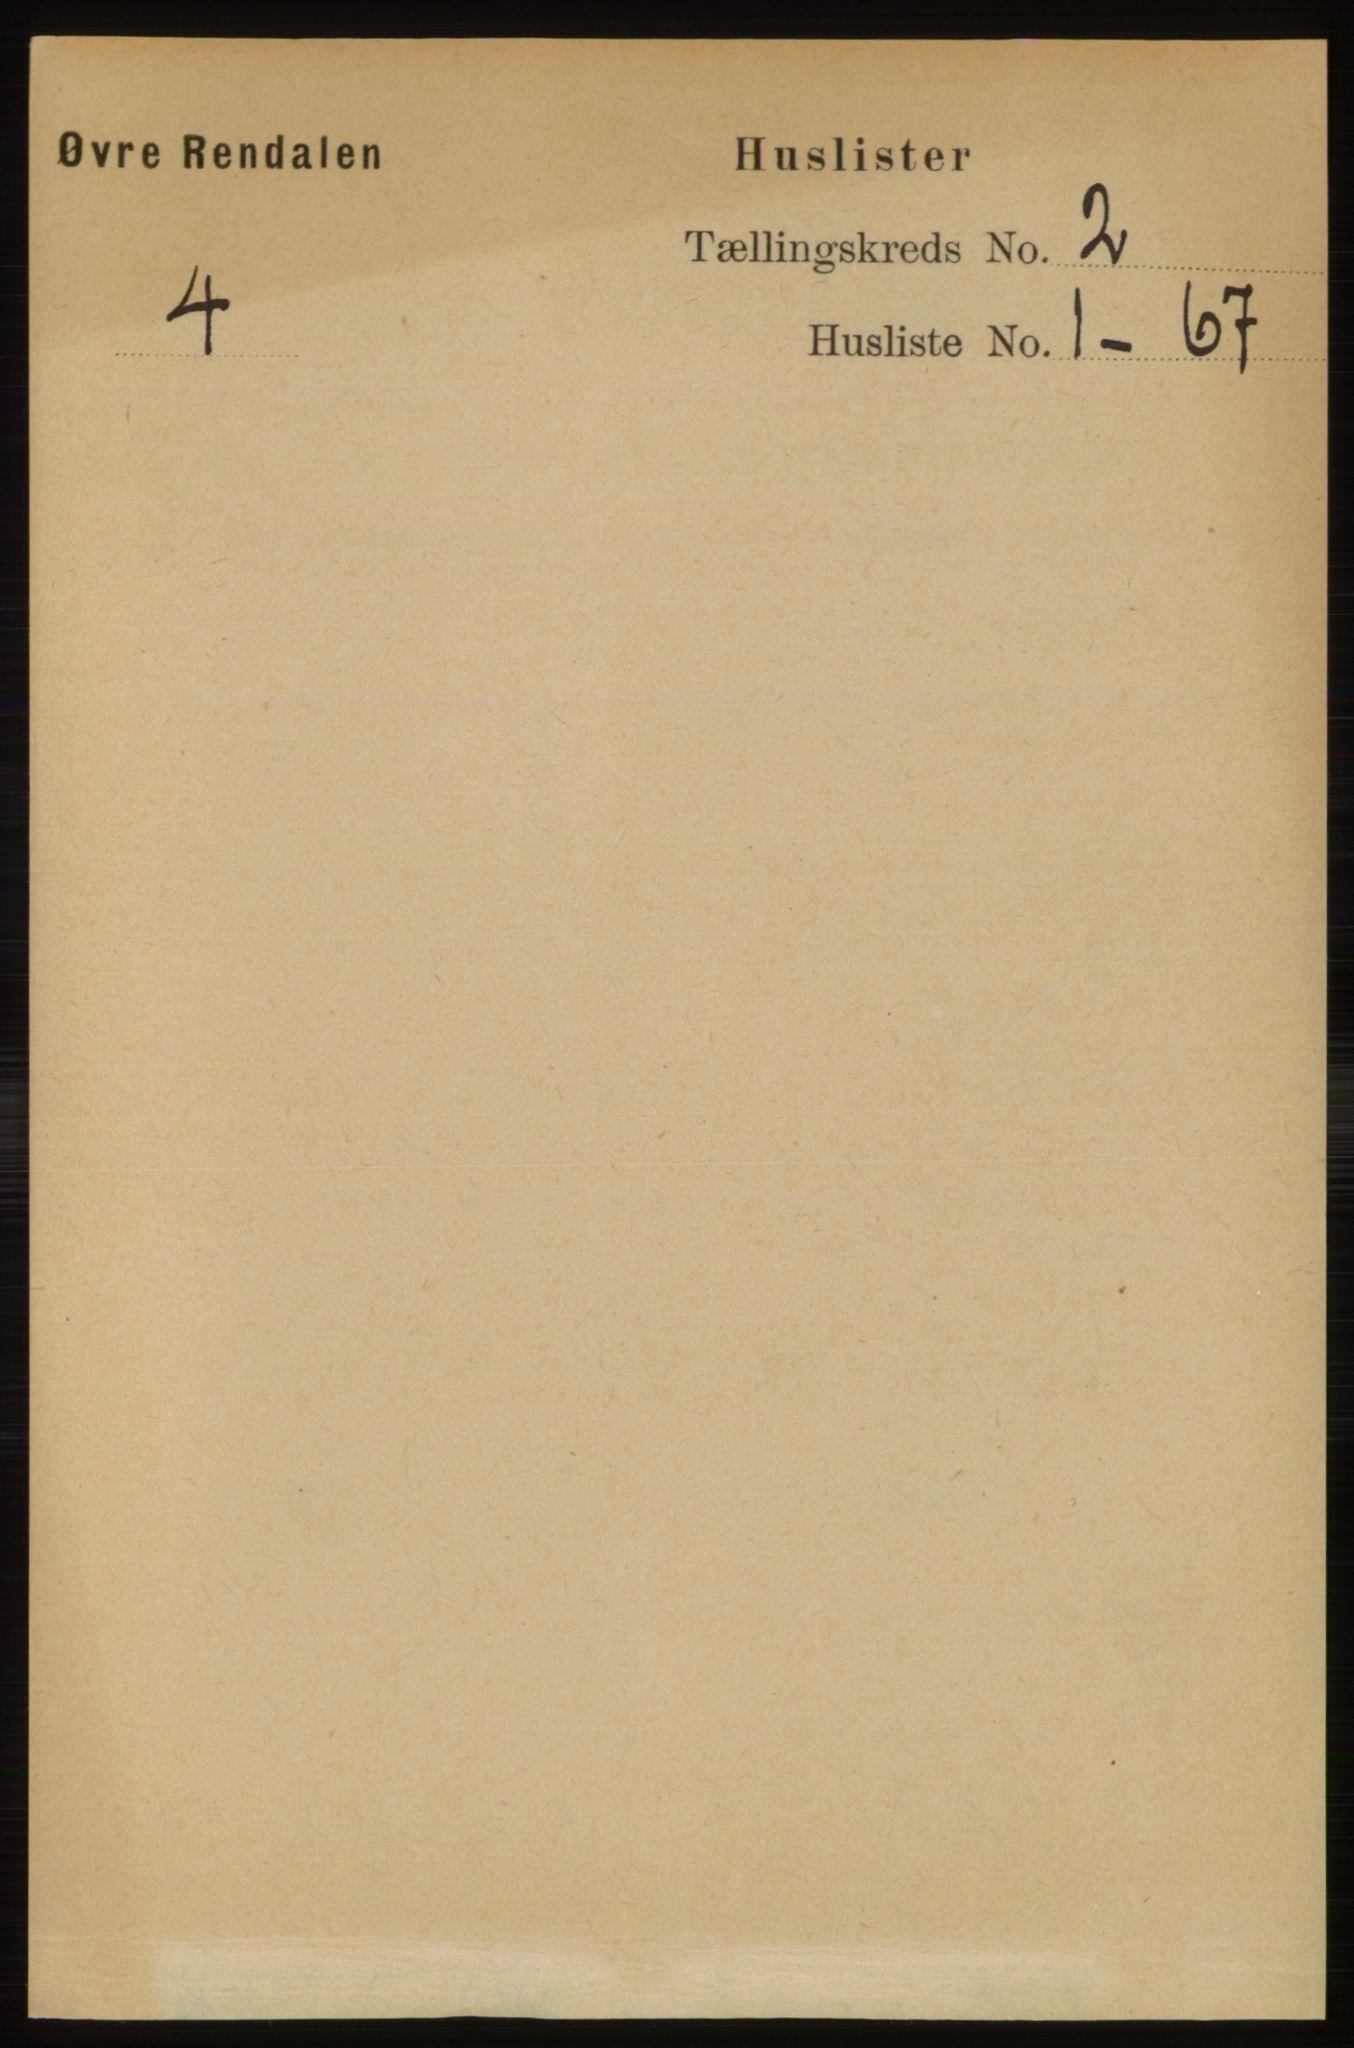 RA, Folketelling 1891 for 0433 Øvre Rendal herred, 1891, s. 333